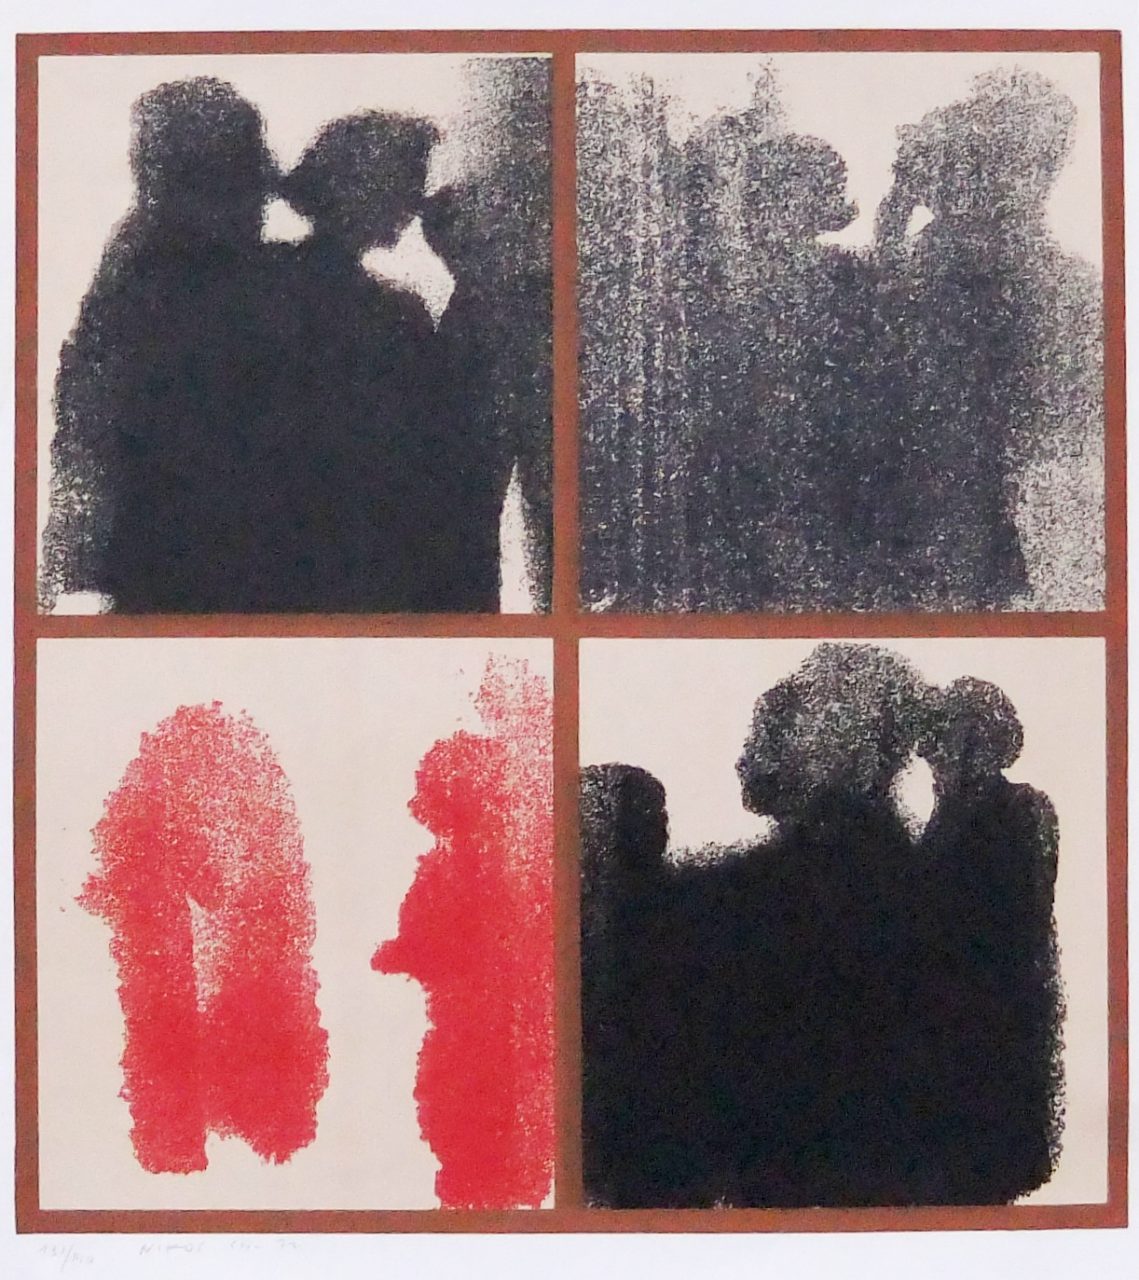 115. ΝΙΚΟΣ (ΚΕΣΣΑΝΛΗΣ) (1930-2005)